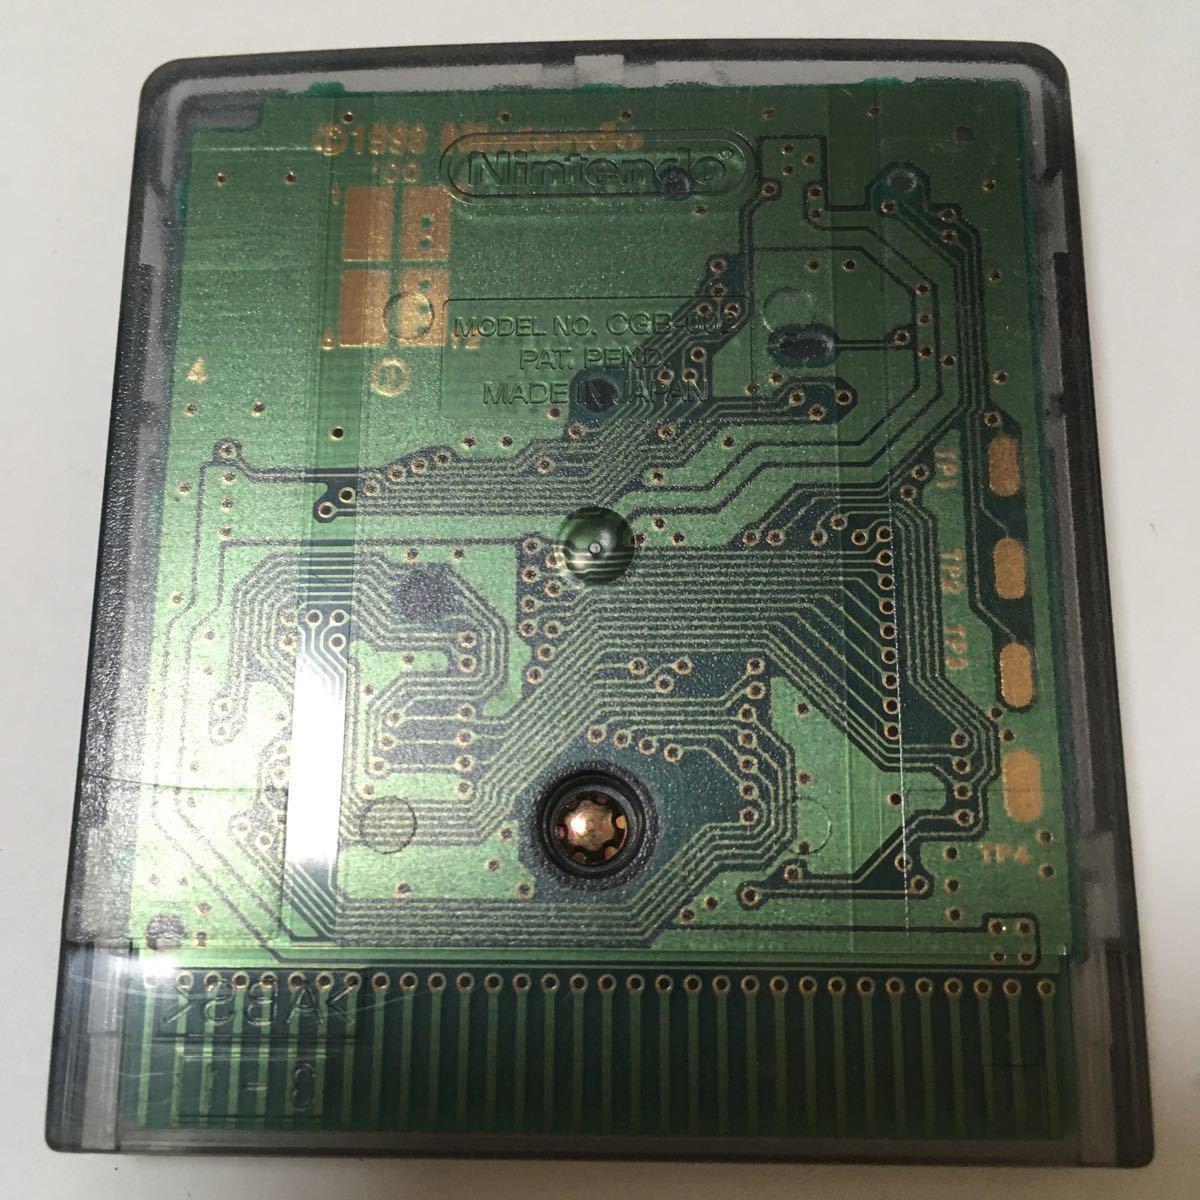 ゲームボーイカラー ソフト ソロモン 動作確認済み レトロ カセット 任天堂